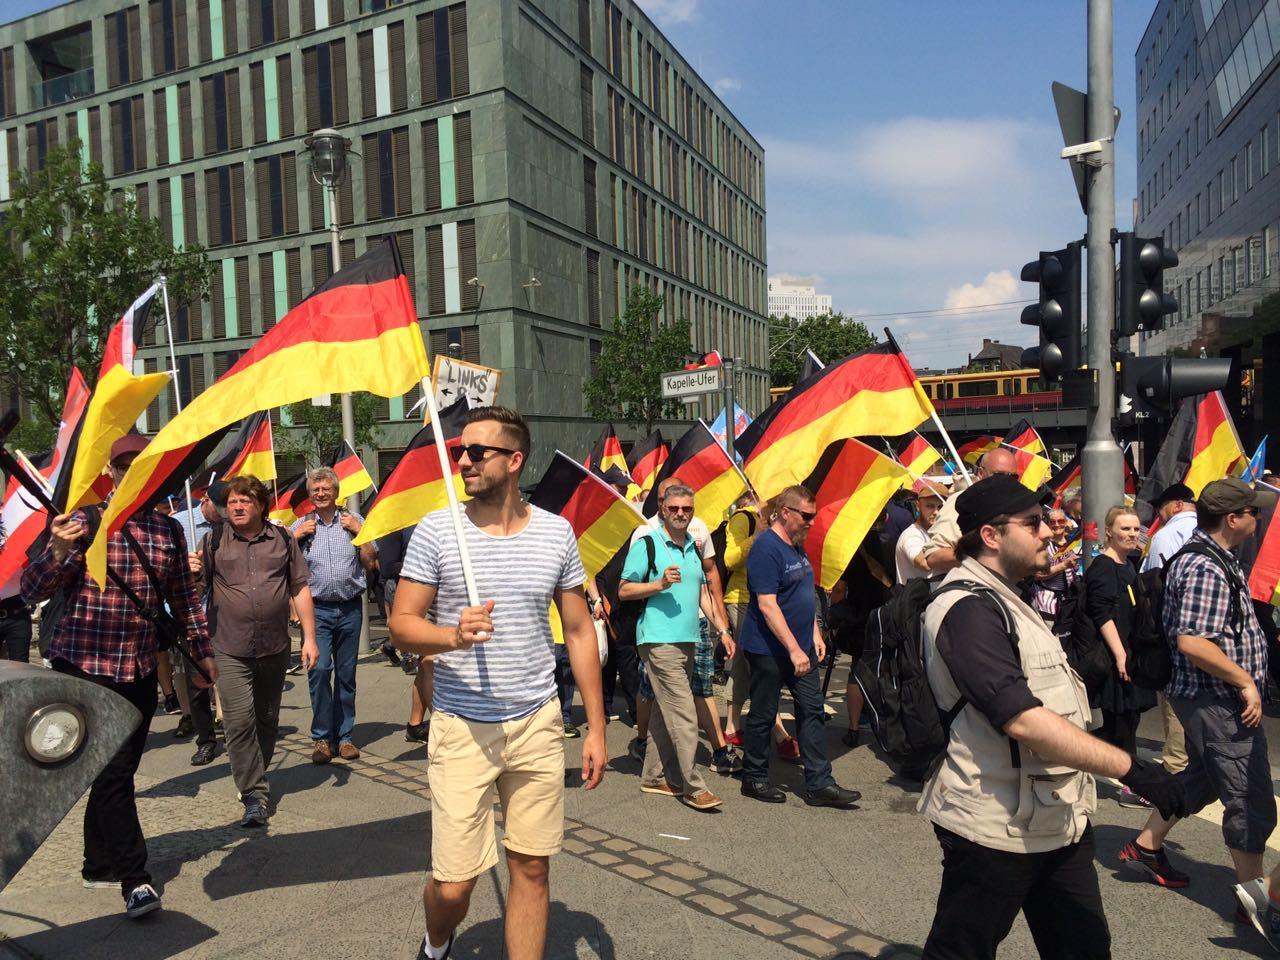 Die AfD-Demo am vergangenen Sonntag manifestierte gut, dass die Partei jung, unspießeig ist und für den Aufbruch Deutschlands steht